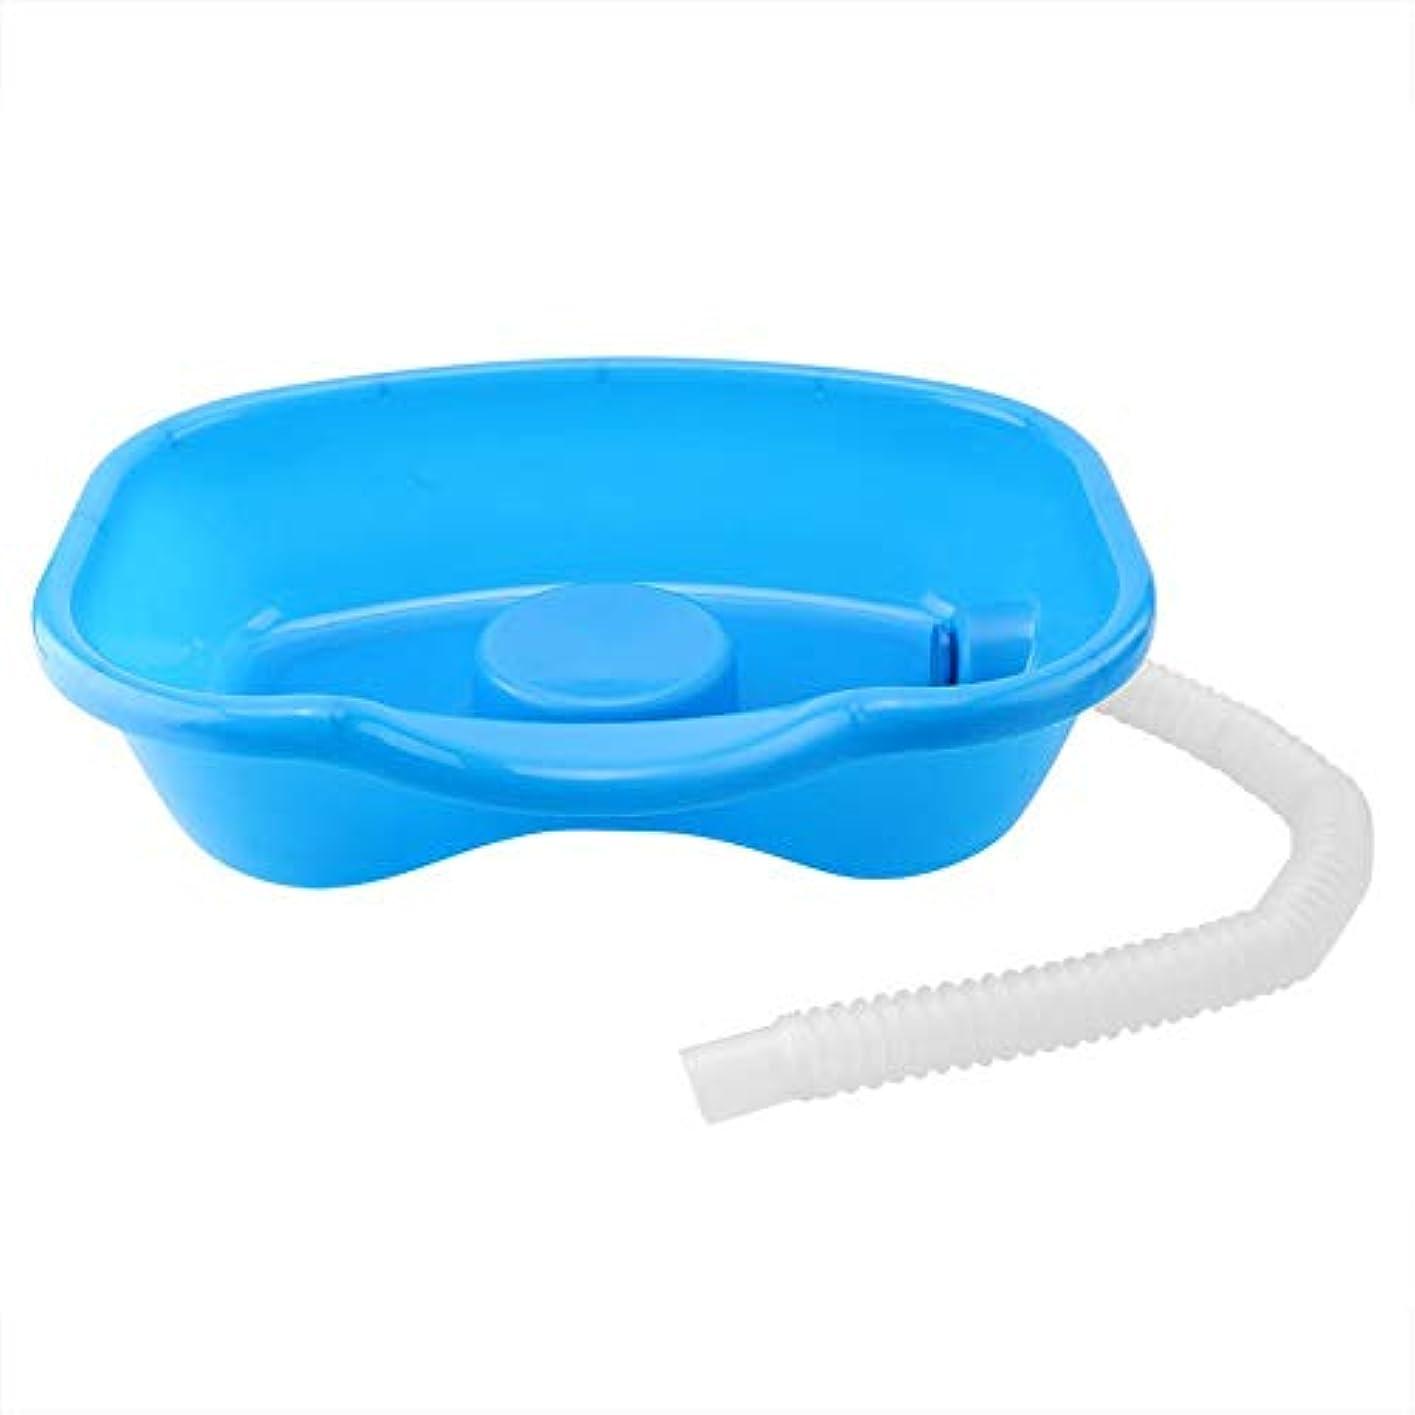 蓄積する任命する追放メディカルシャンプー洗面器無効髪洗面器、医療無効シャンプー洗面器厚いベッド髪洗浄トレイプラスチックキルトアイスパック